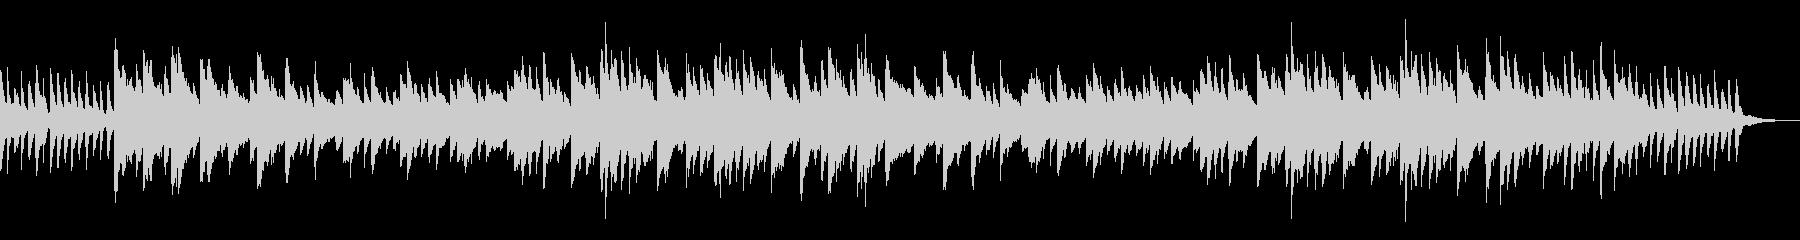 幻想的なピアノ曲の未再生の波形